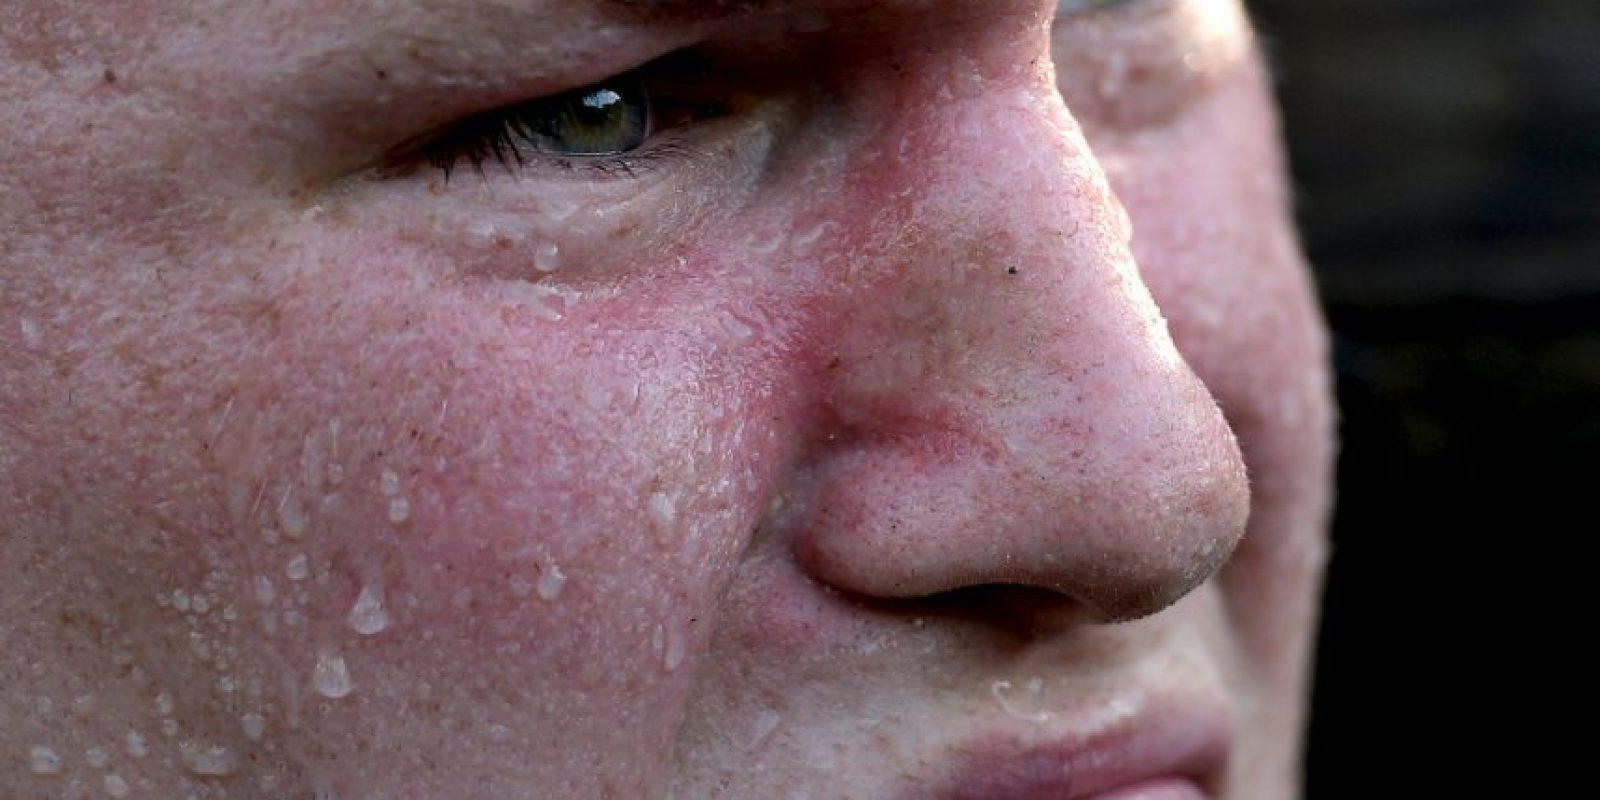 4. La sudación femenina contiene feromonas. Tal hecho, resulta atrayente para los demás demás de forma inconsciente. Foto:Getty Images